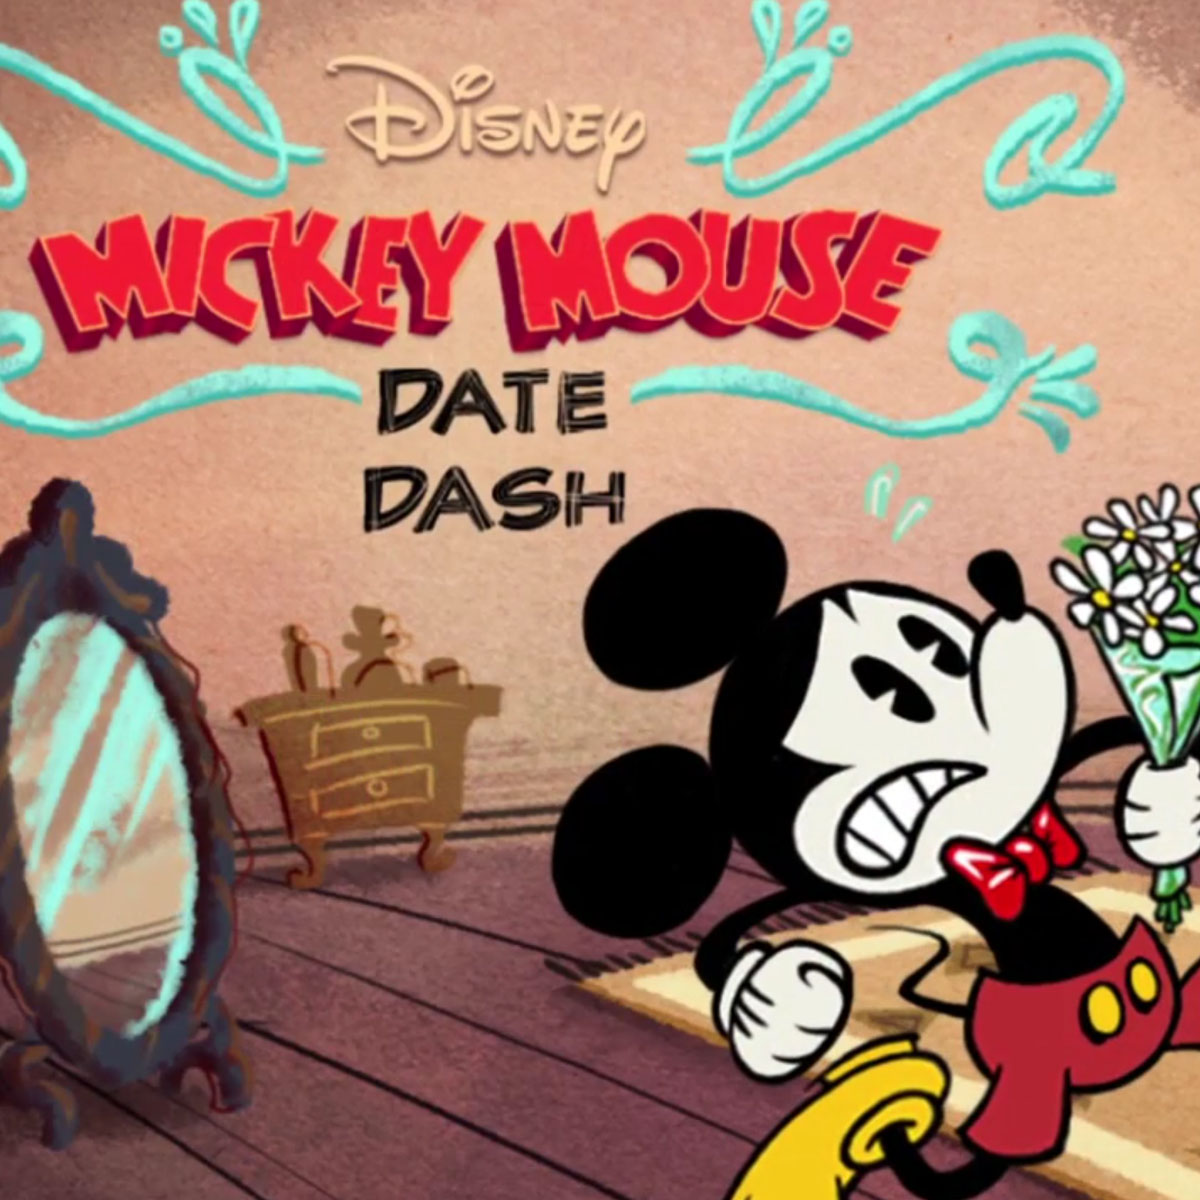 Dating dash game